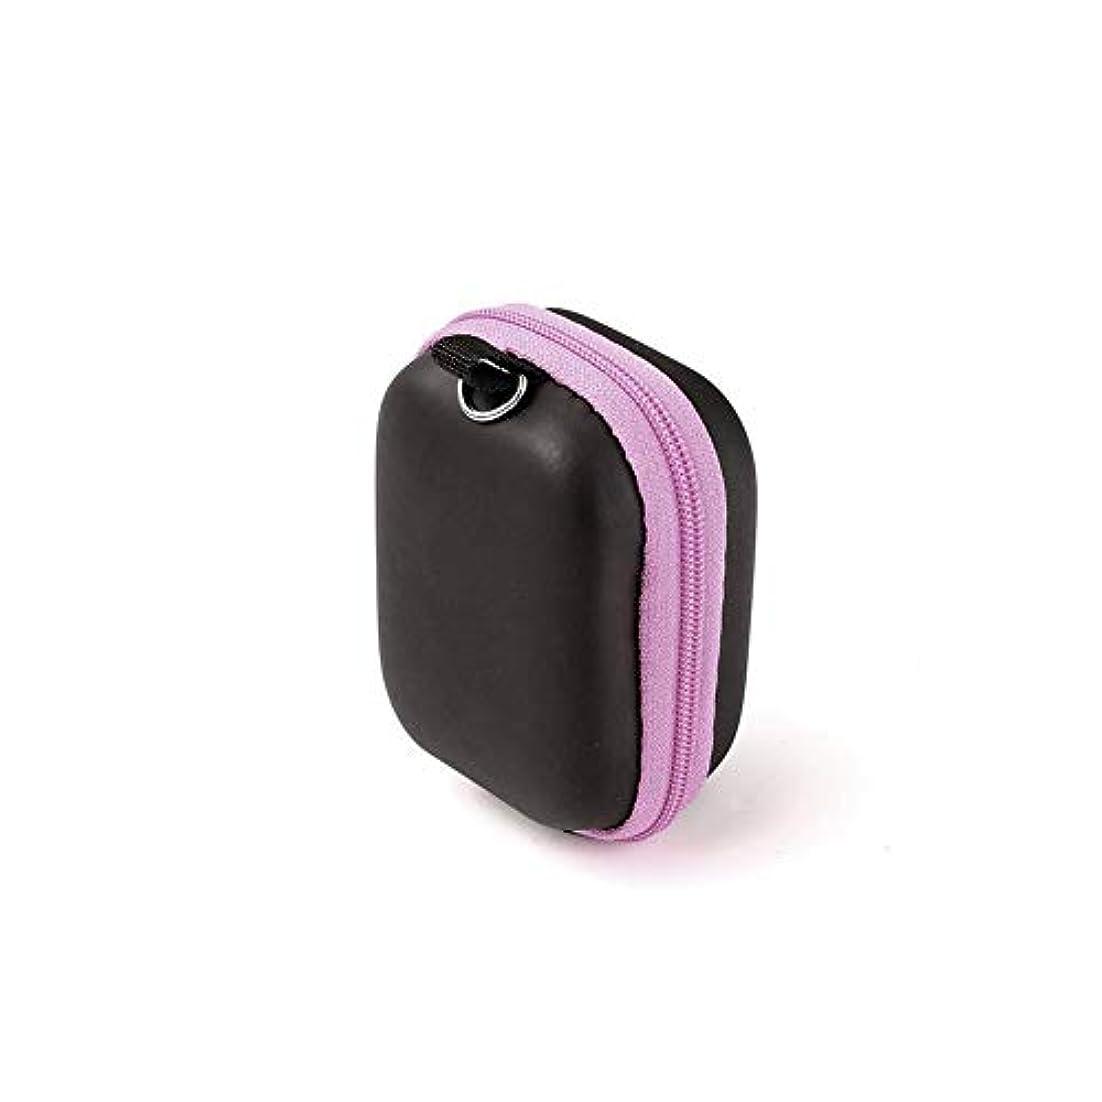 区浸食わかりやすいPursue エッセンシャルオイル収納ケース アロマオイル収納ボックス アロマポーチ収納ケース 耐震 携帯便利 香水収納ポーチ 化粧ポーチ 6本用